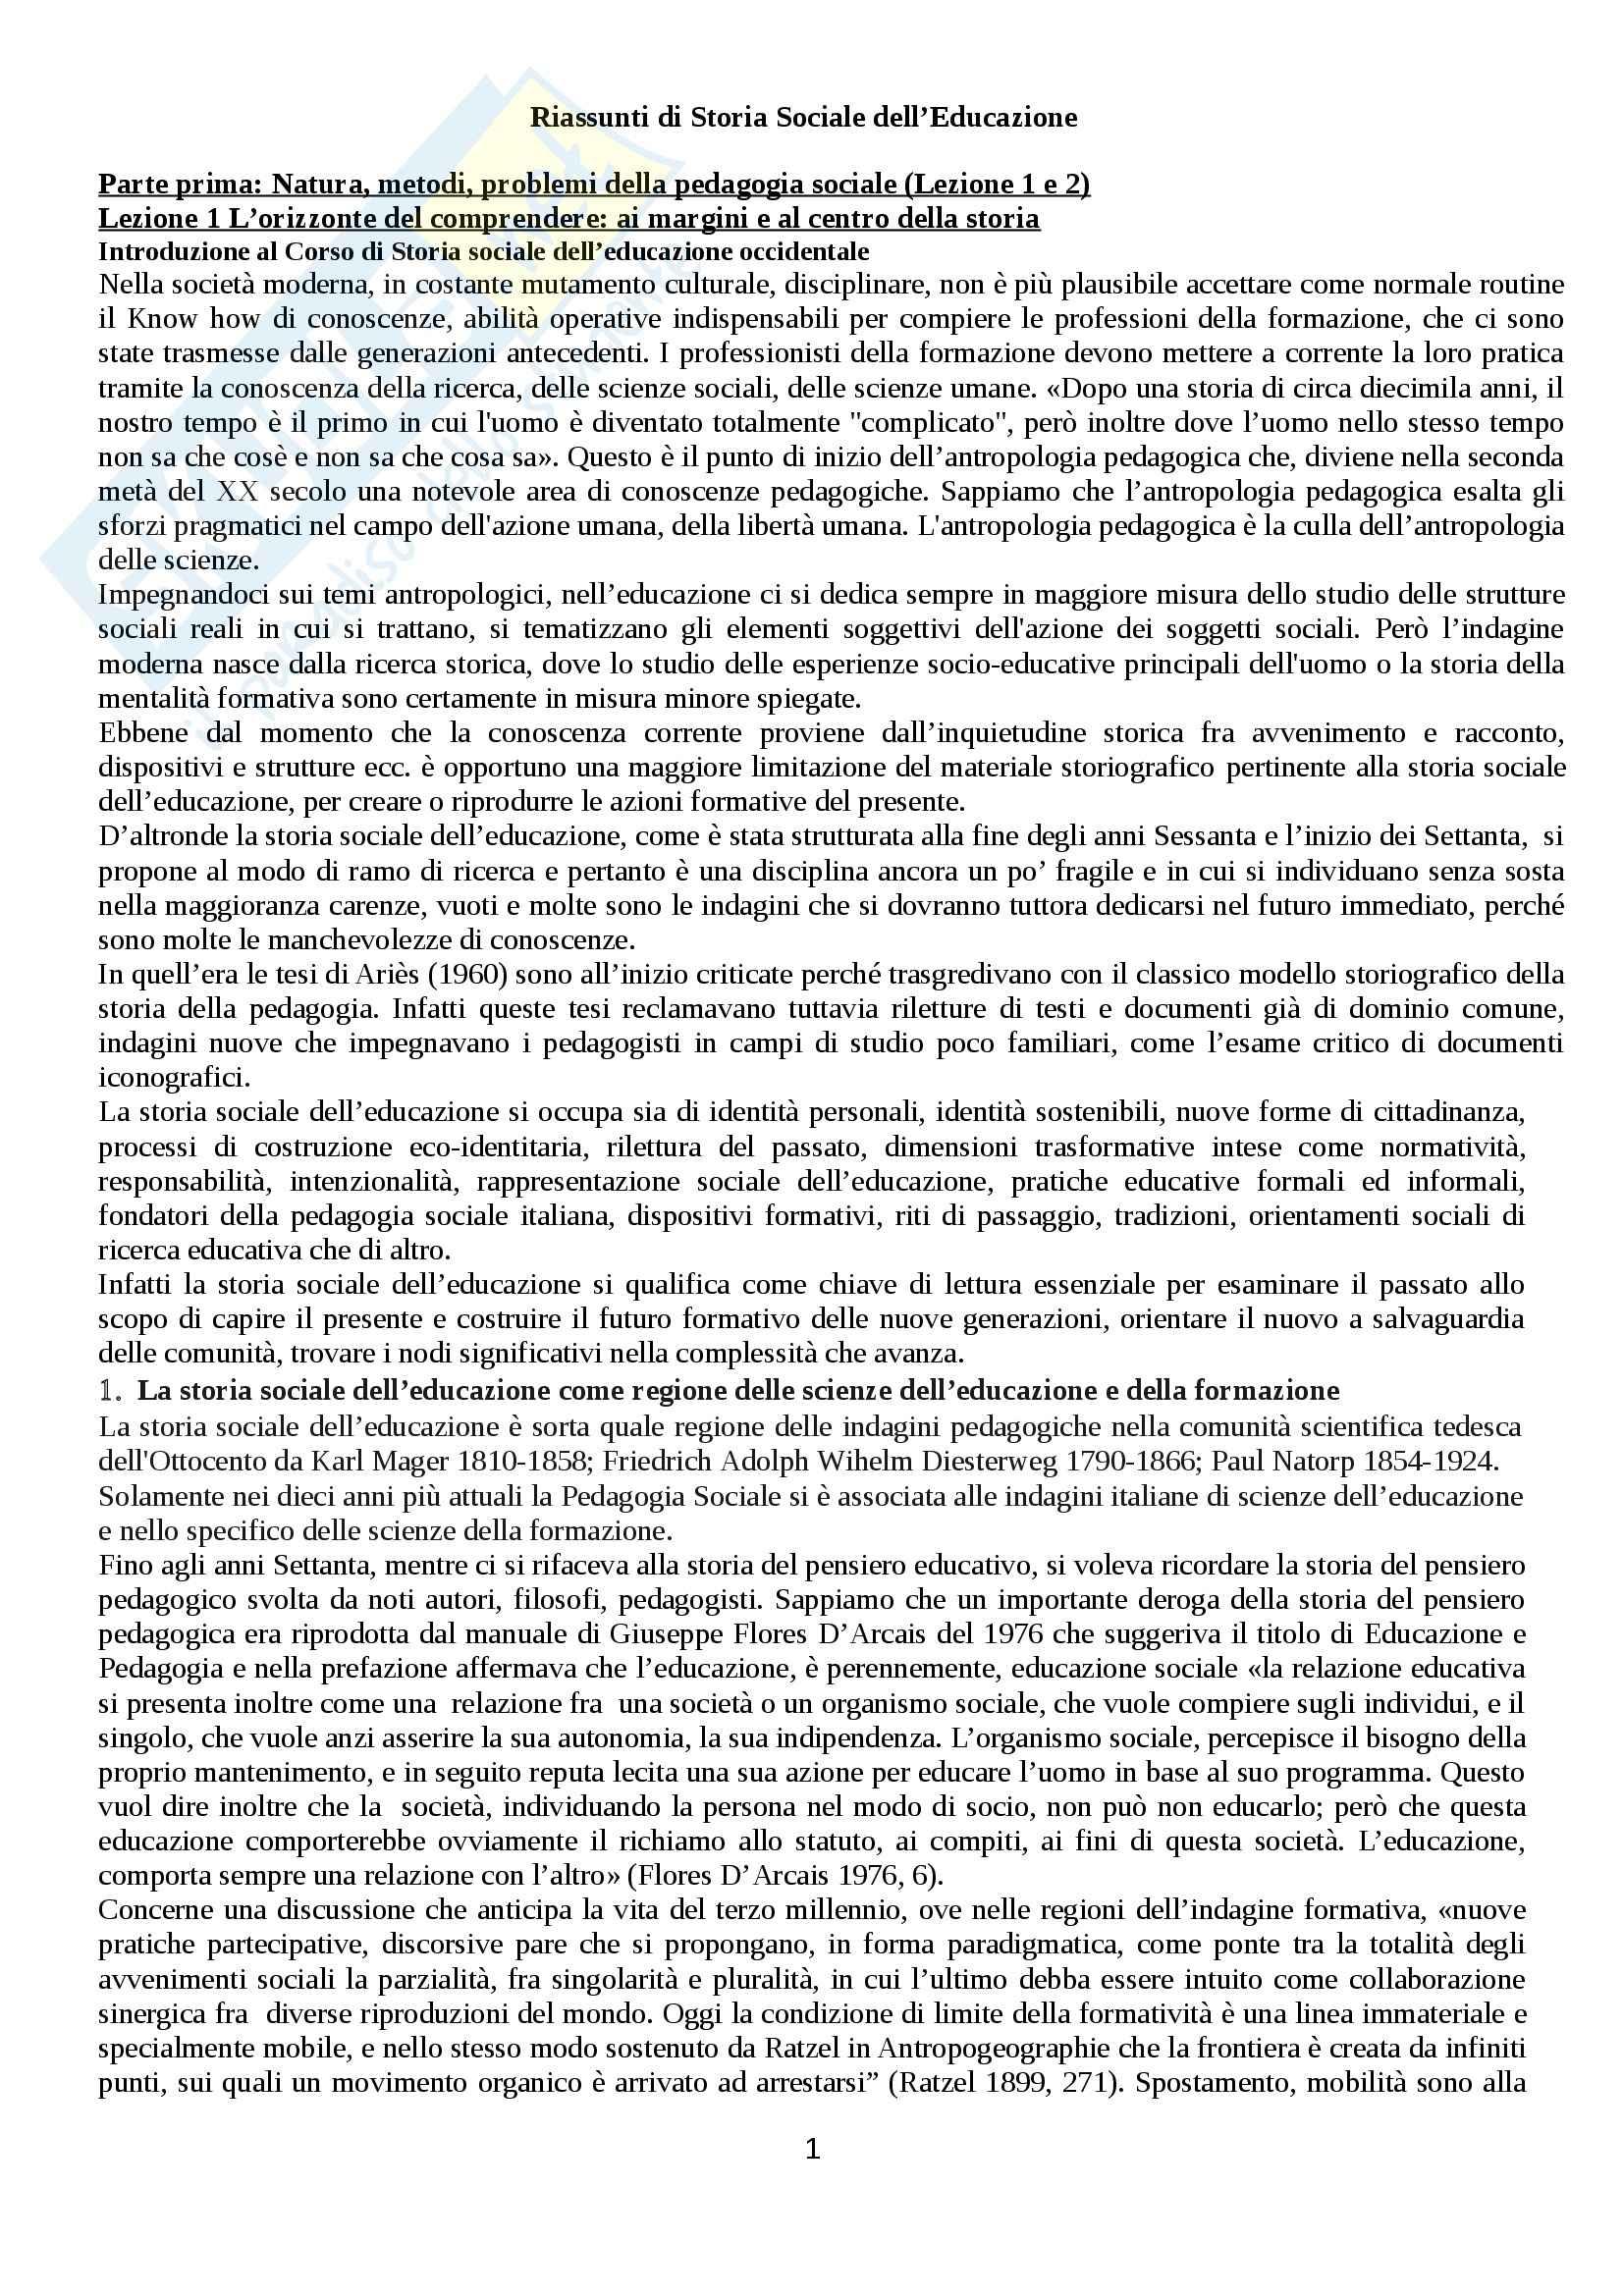 Riassunto esame Storia sociale dell'educazione, prof. Minello